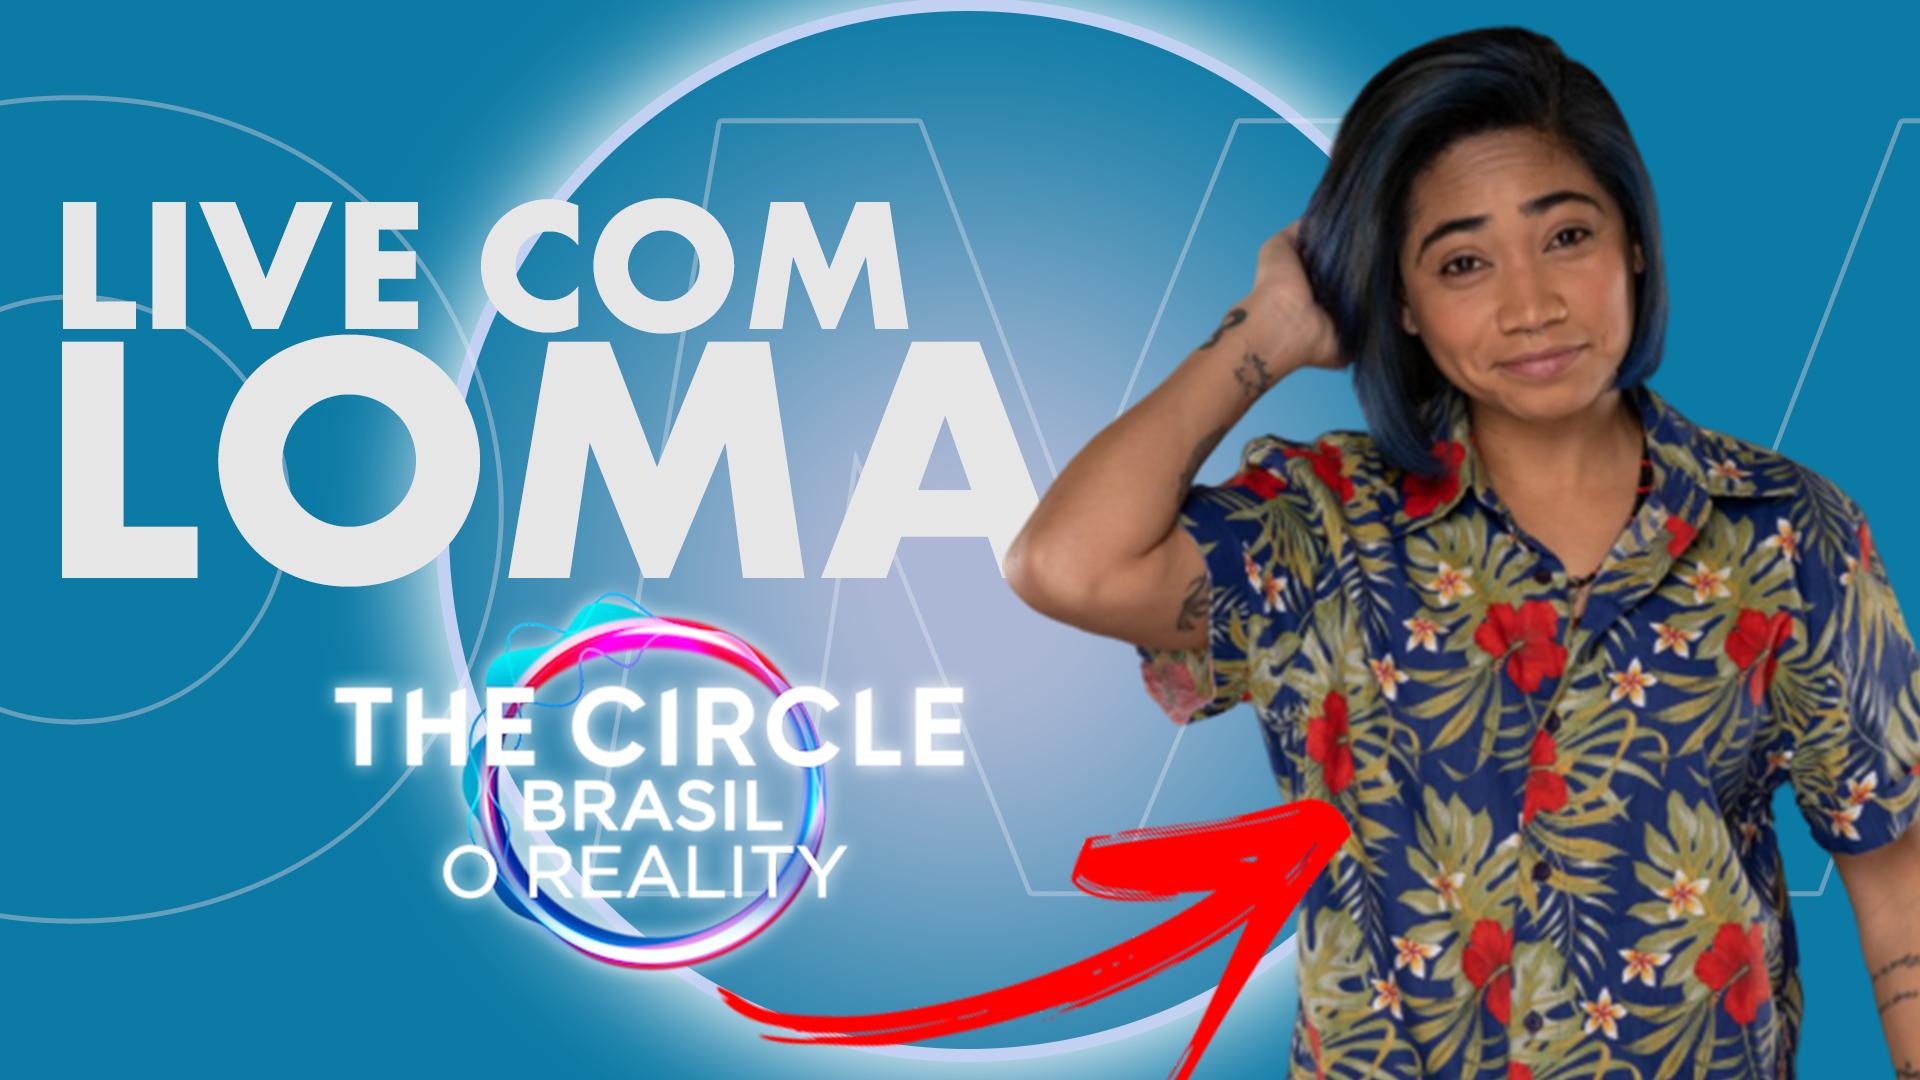 Loma conta tudo sobre o The Circle